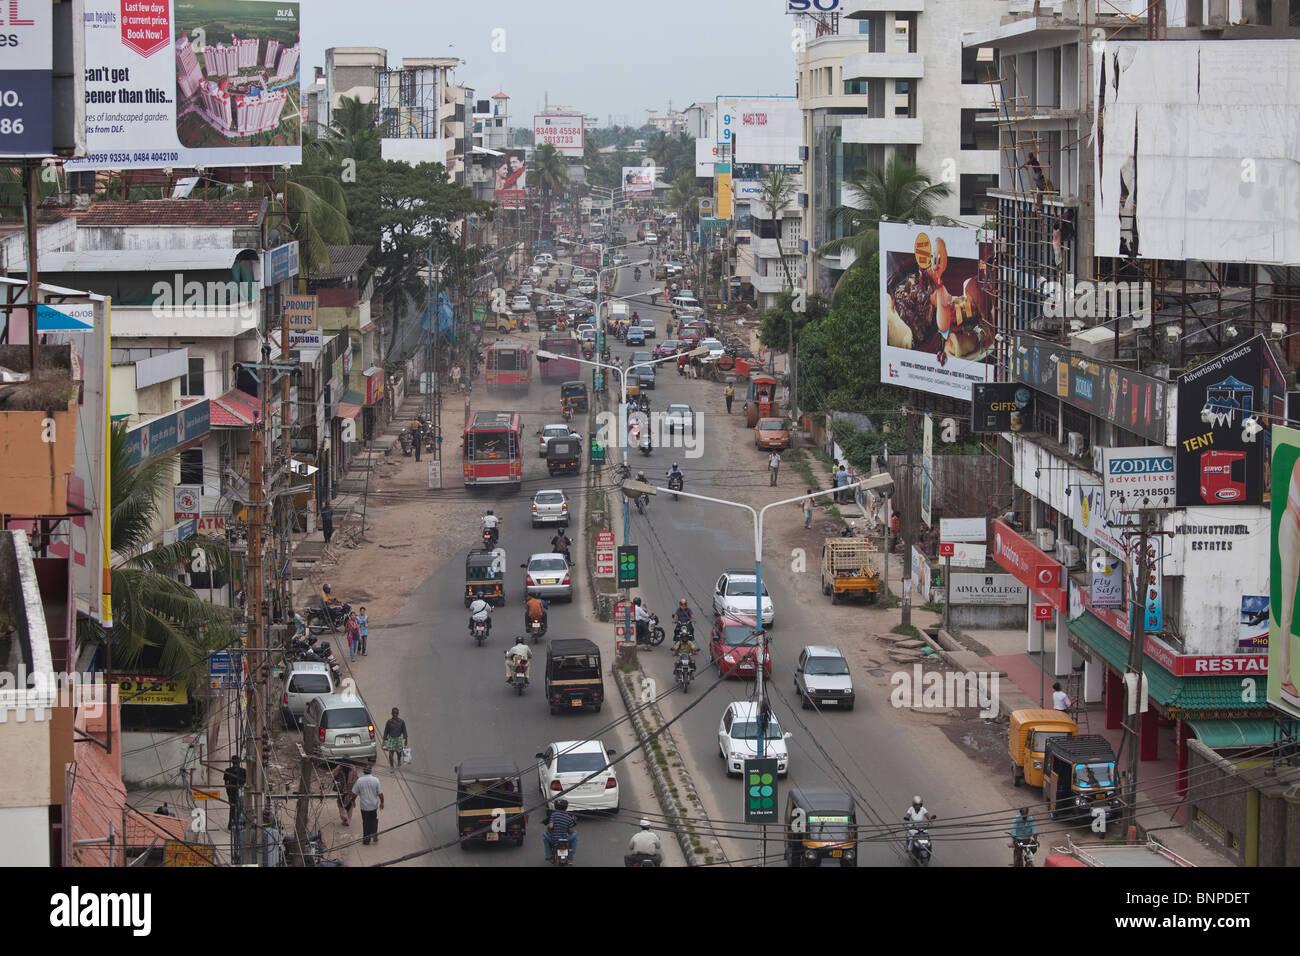 Zu viel Autoverkehr in Indien verursacht Chaos auf das unzureichende Straßennetz. Kochi, Kerala, Indien Stockbild